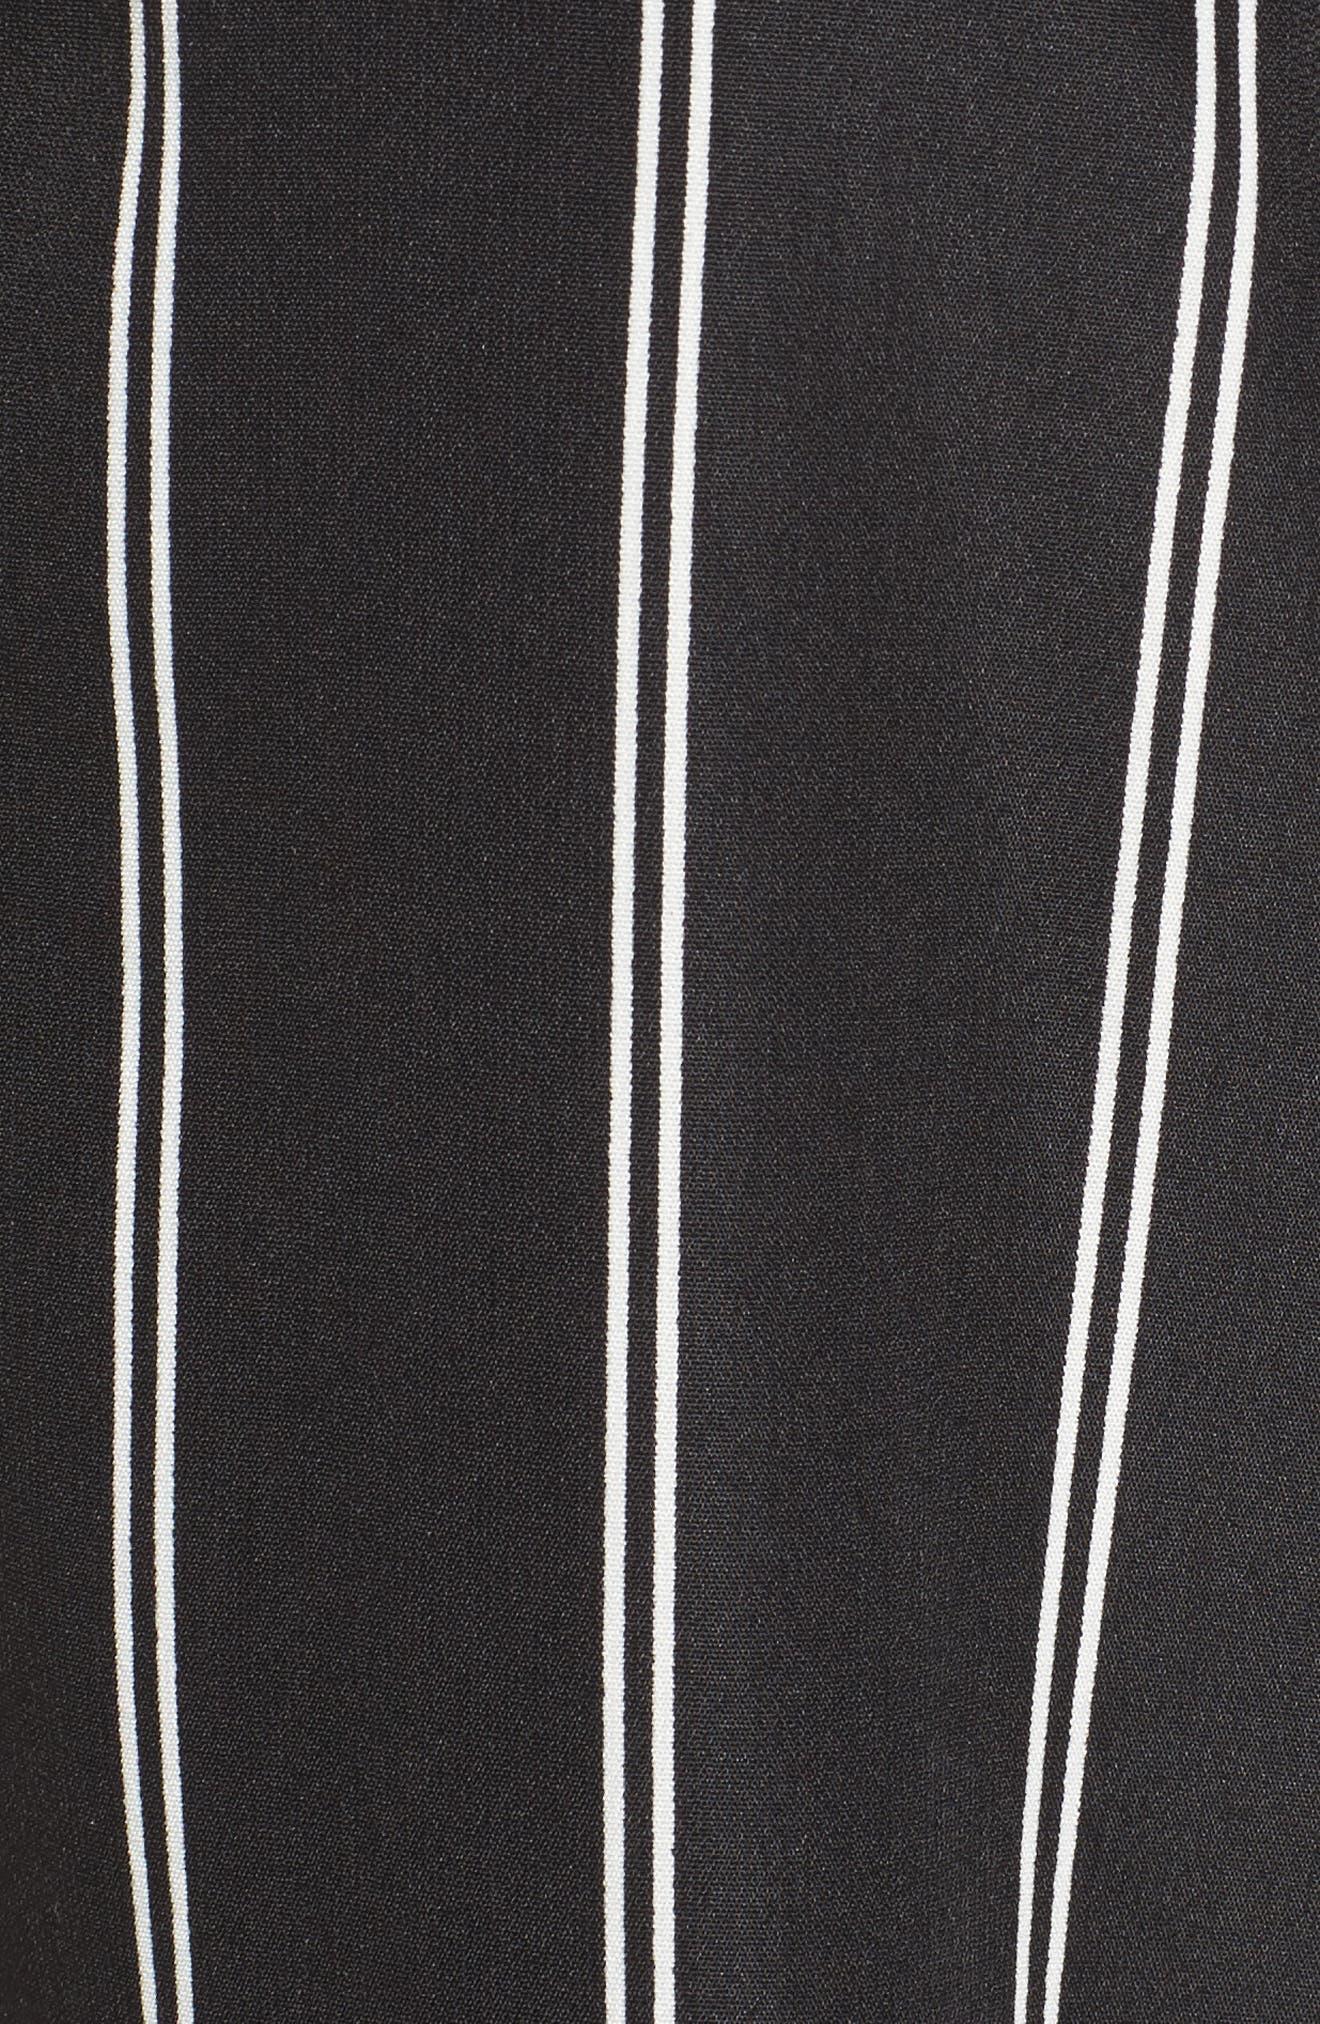 Stripe Tie Front Crop Pants,                             Alternate thumbnail 5, color,                             001